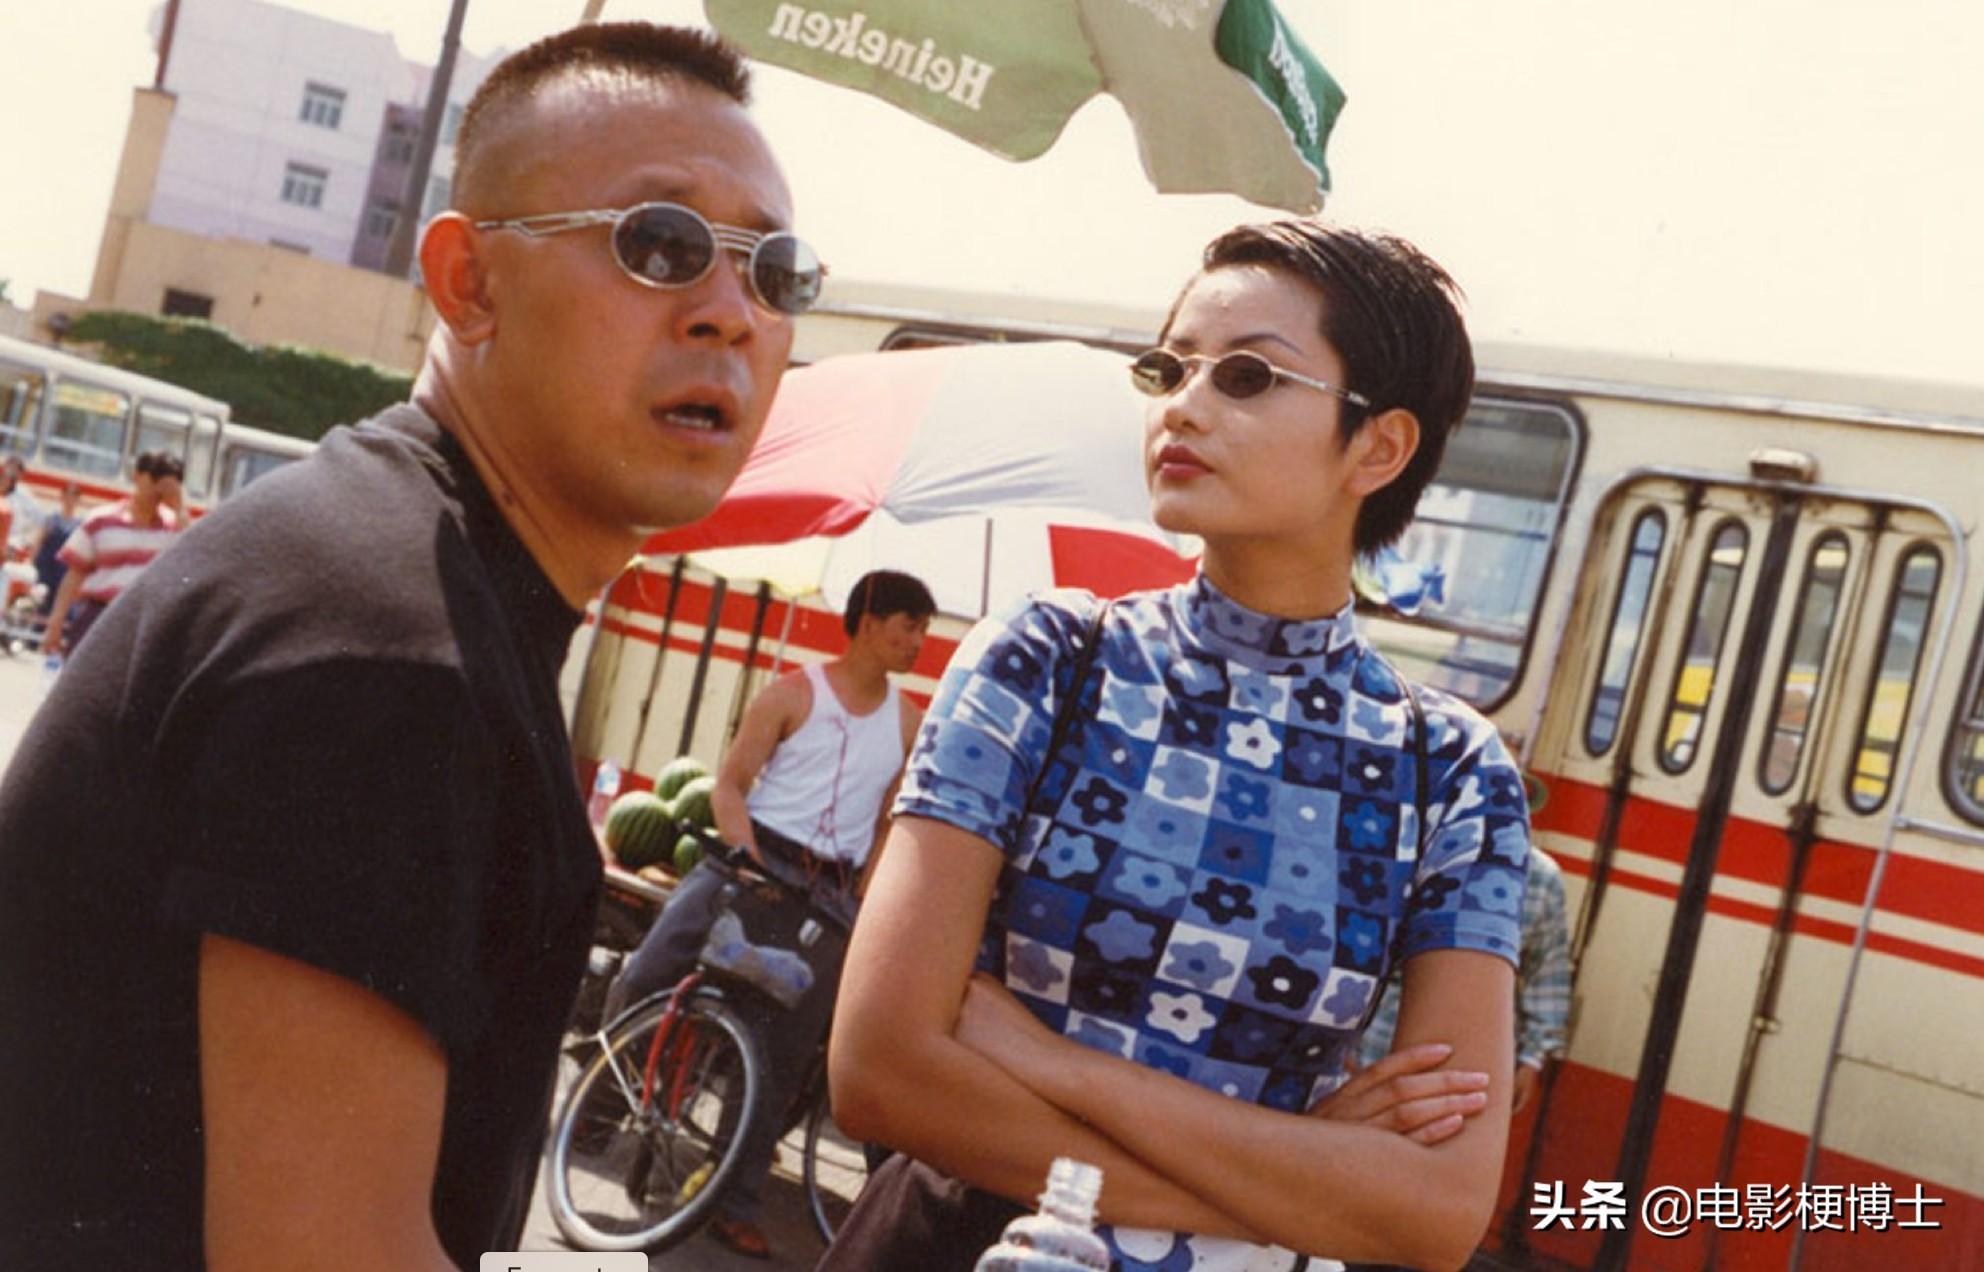 除了《囧妈》,这8部国产喜剧片,也很适合春节期间全家人观看